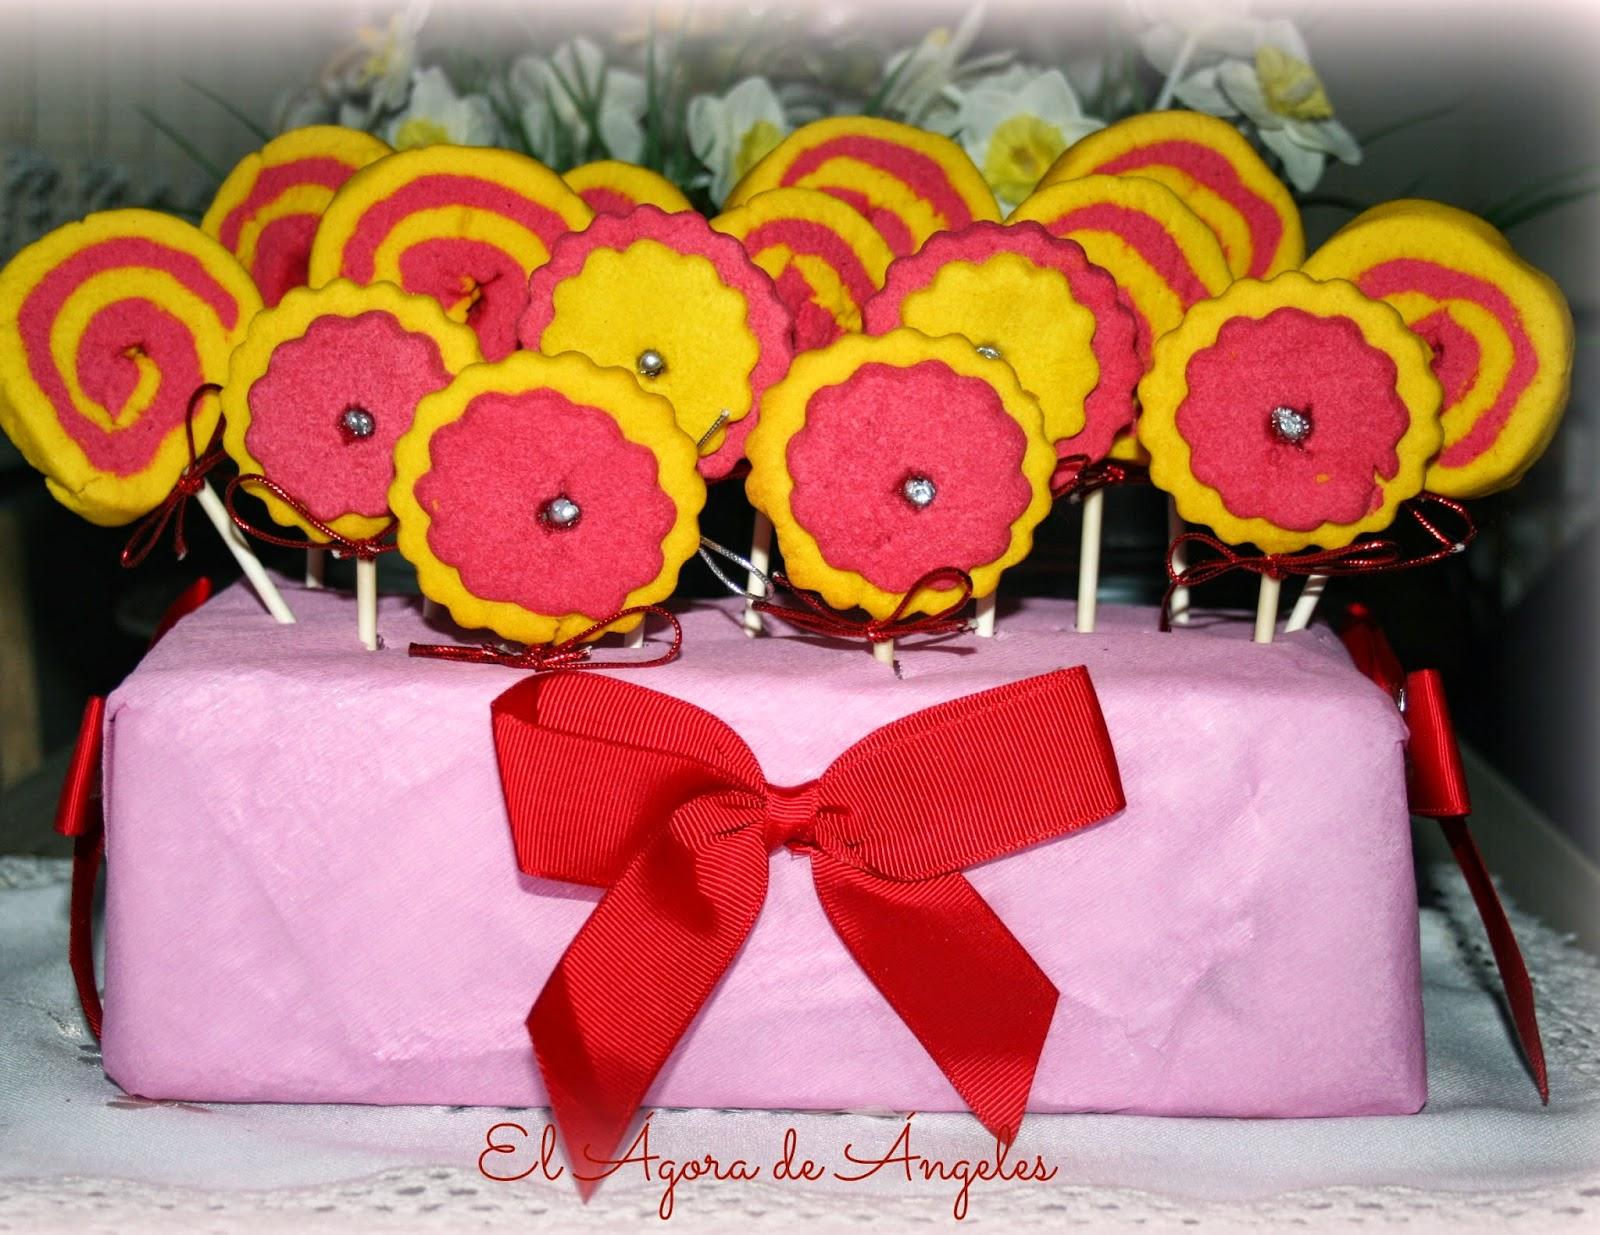 Piruletas de galleta, galletas de mantequilla, galletas espiral,cumpleaños